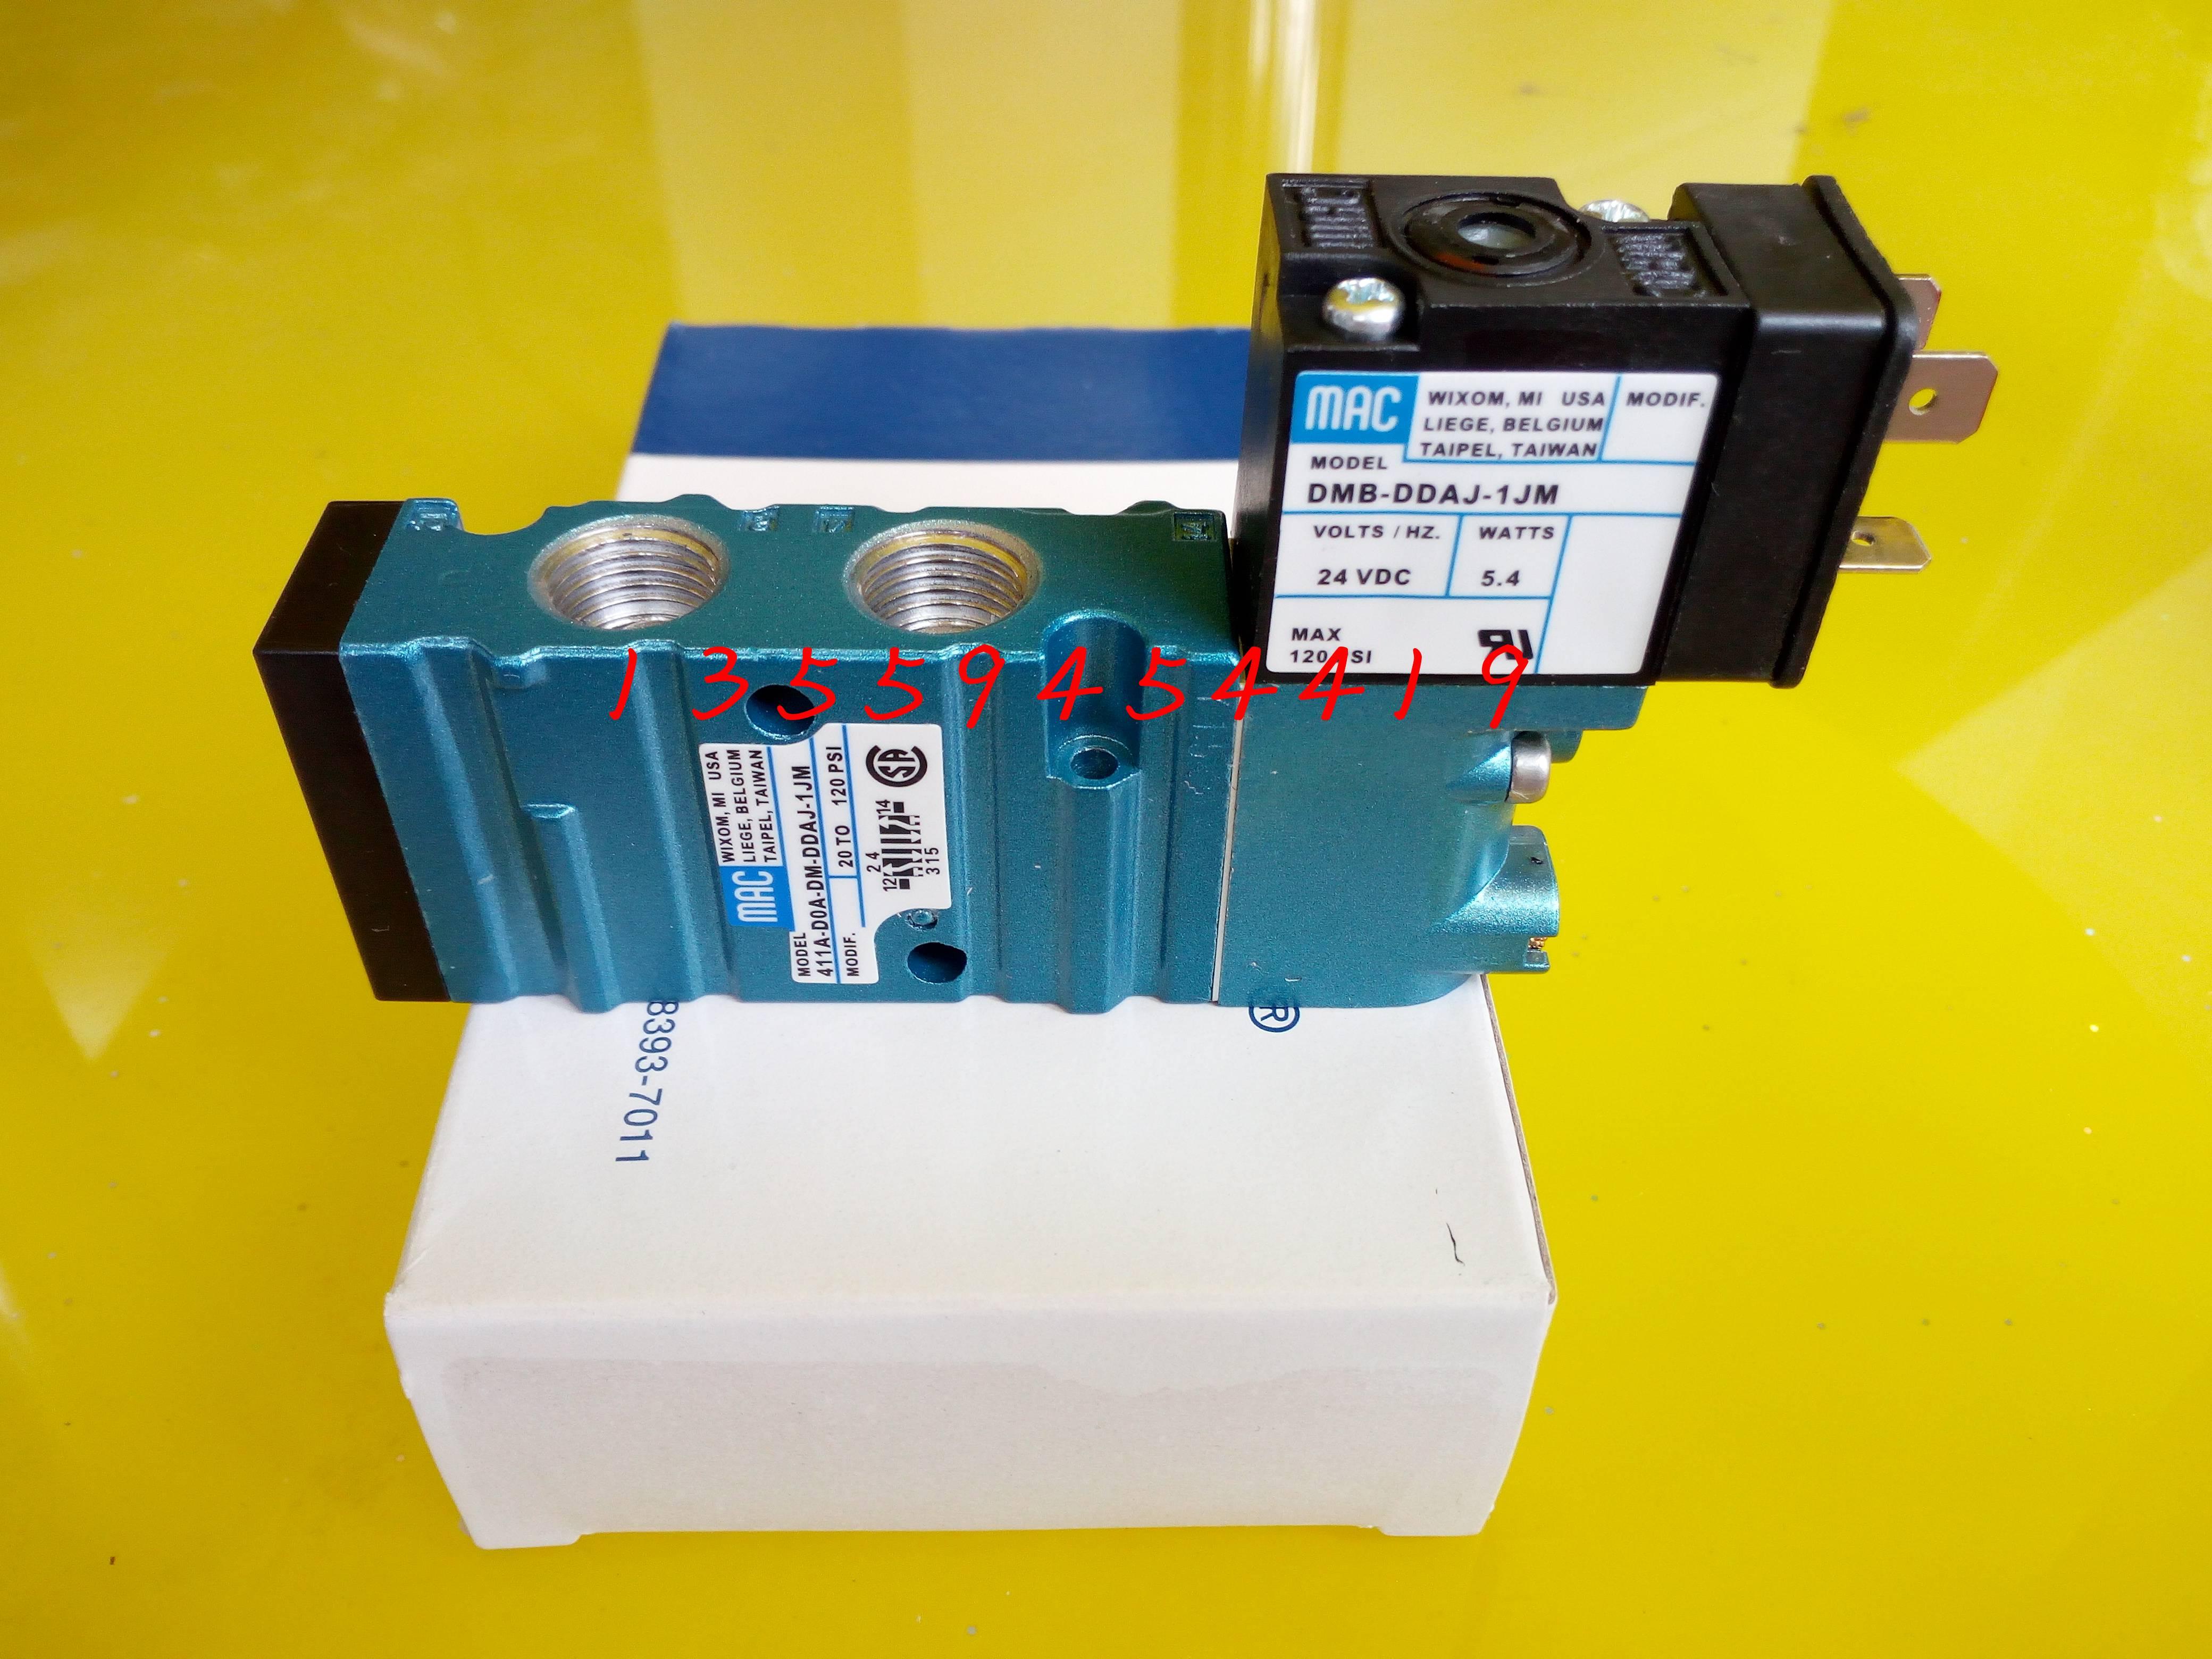 amerikanske mac elektromagnetisk ventil 411A-D0A-DM-DDAJ-1JM ægte oprindelige pakke post forhandlinger